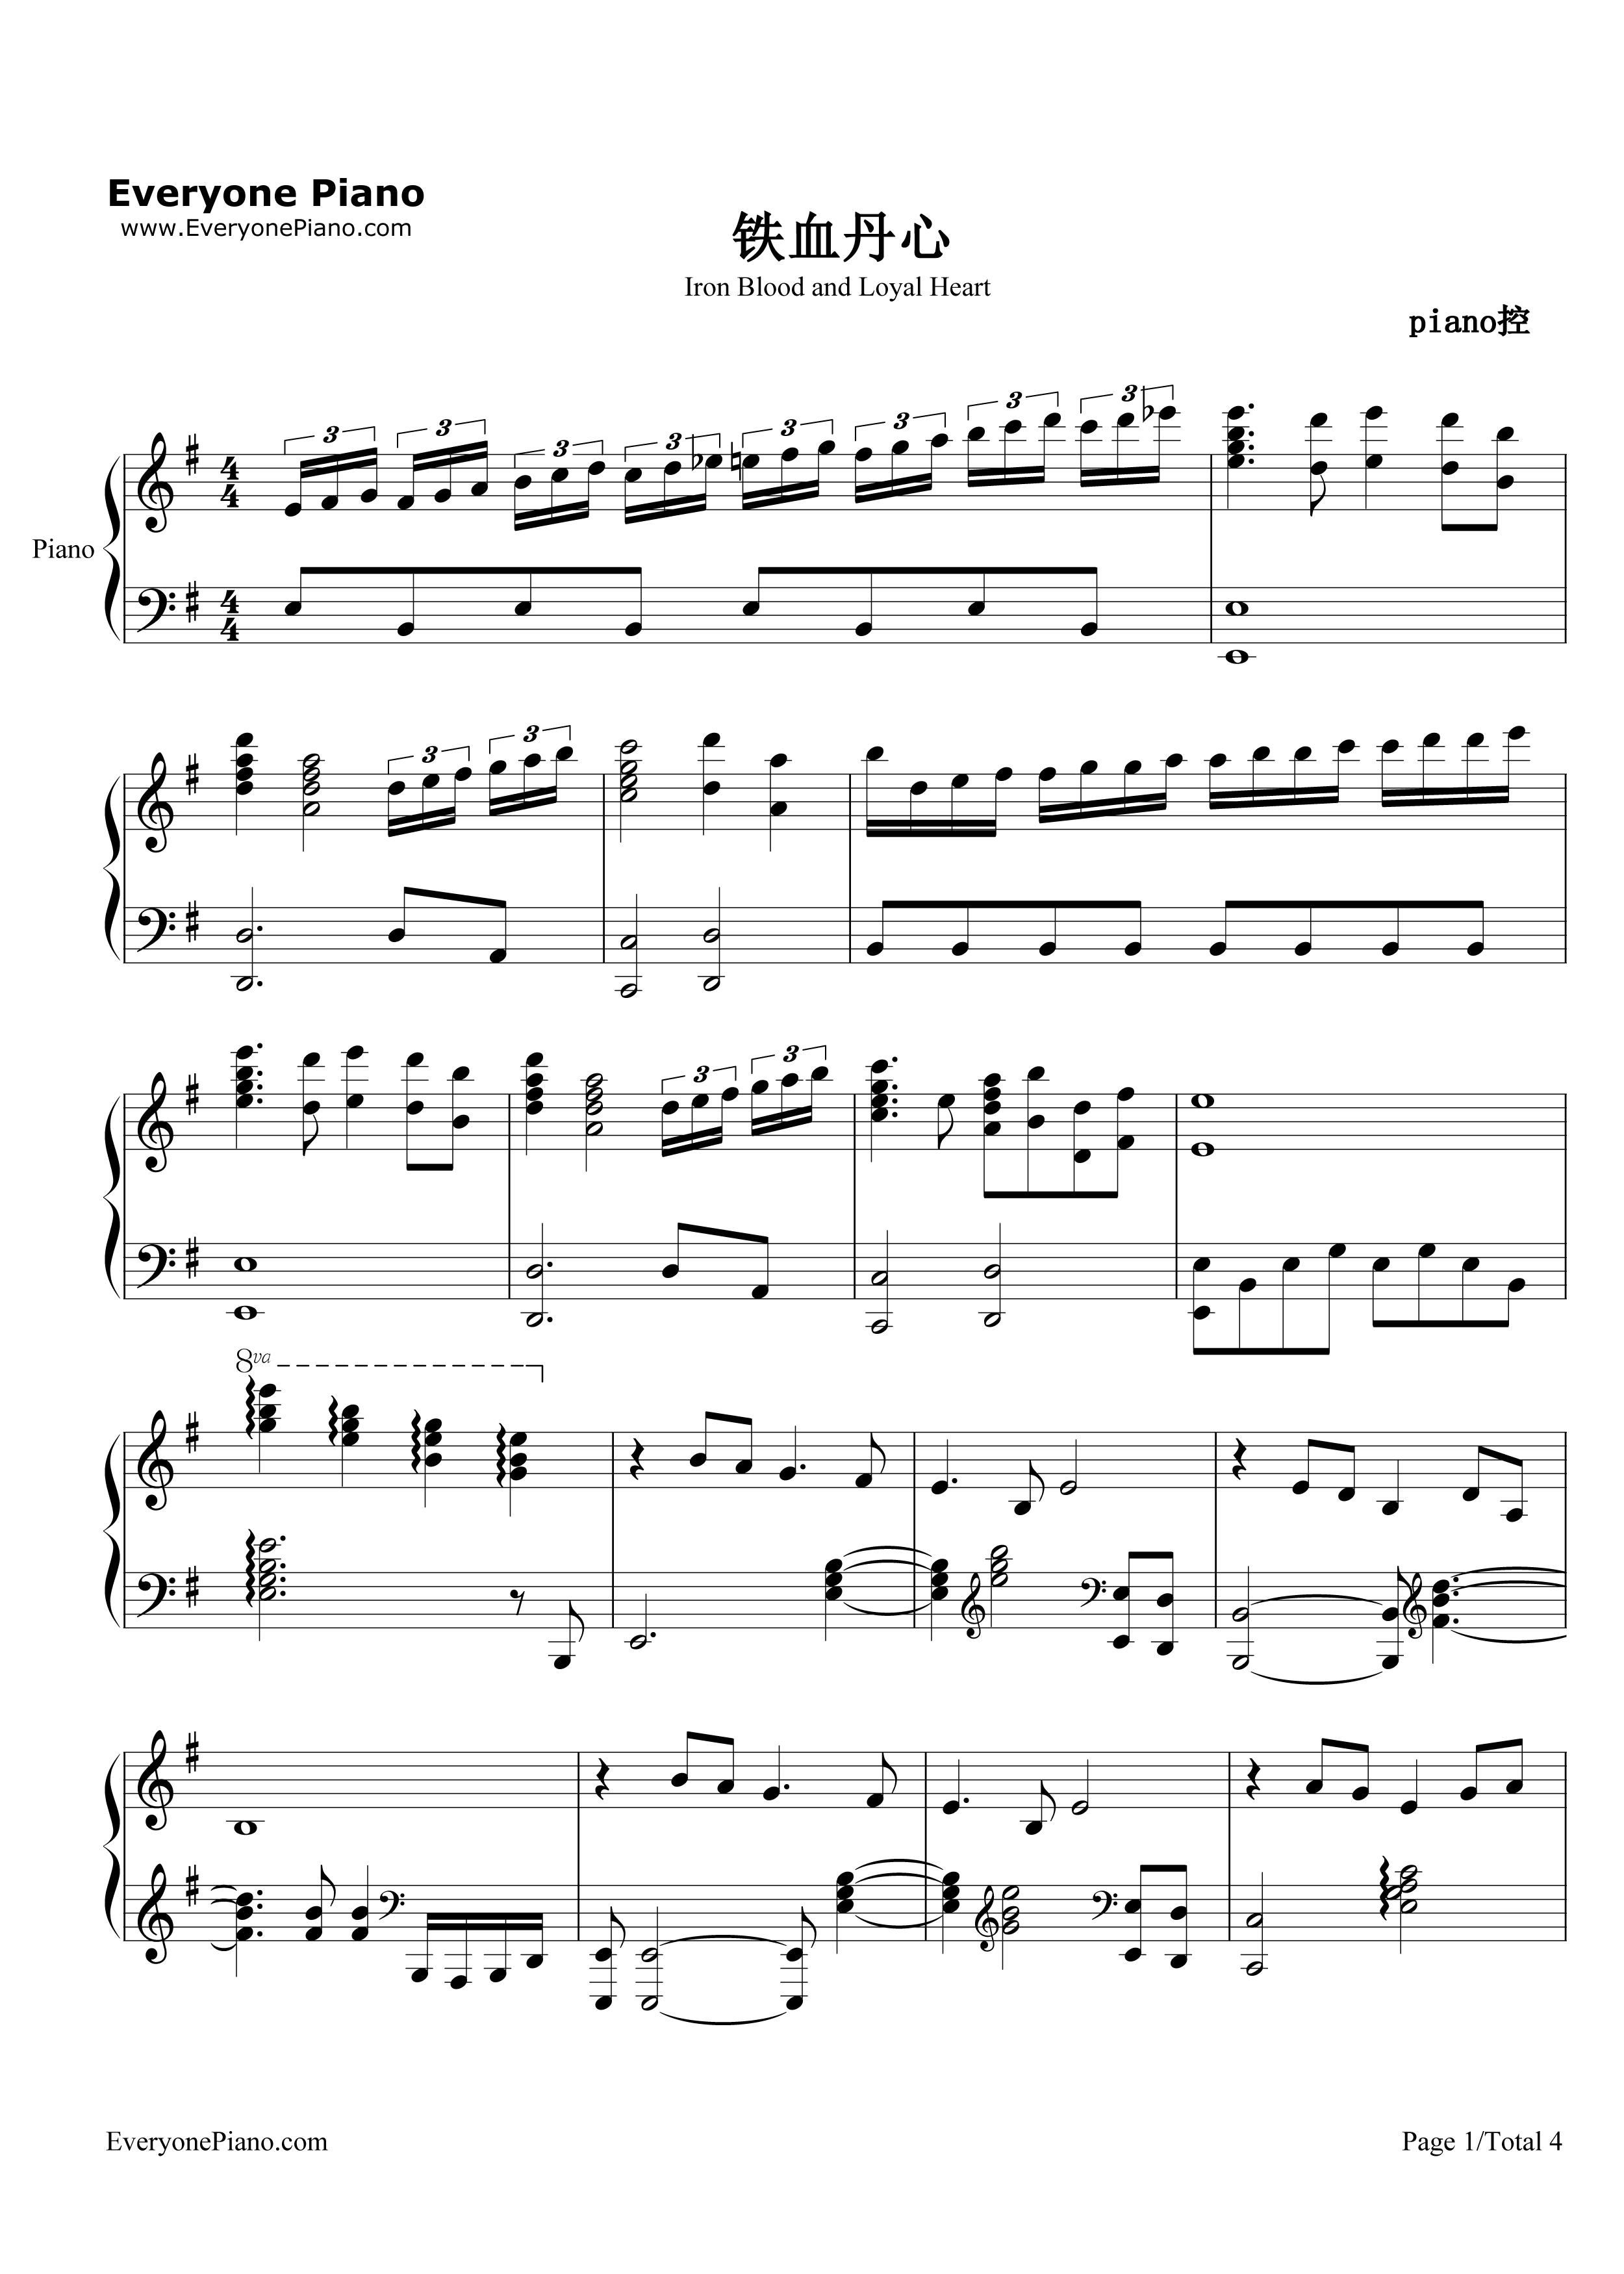 钢琴曲谱 影视 《铁血丹心》完美演奏版-83版射雕英雄传op 《铁血丹心